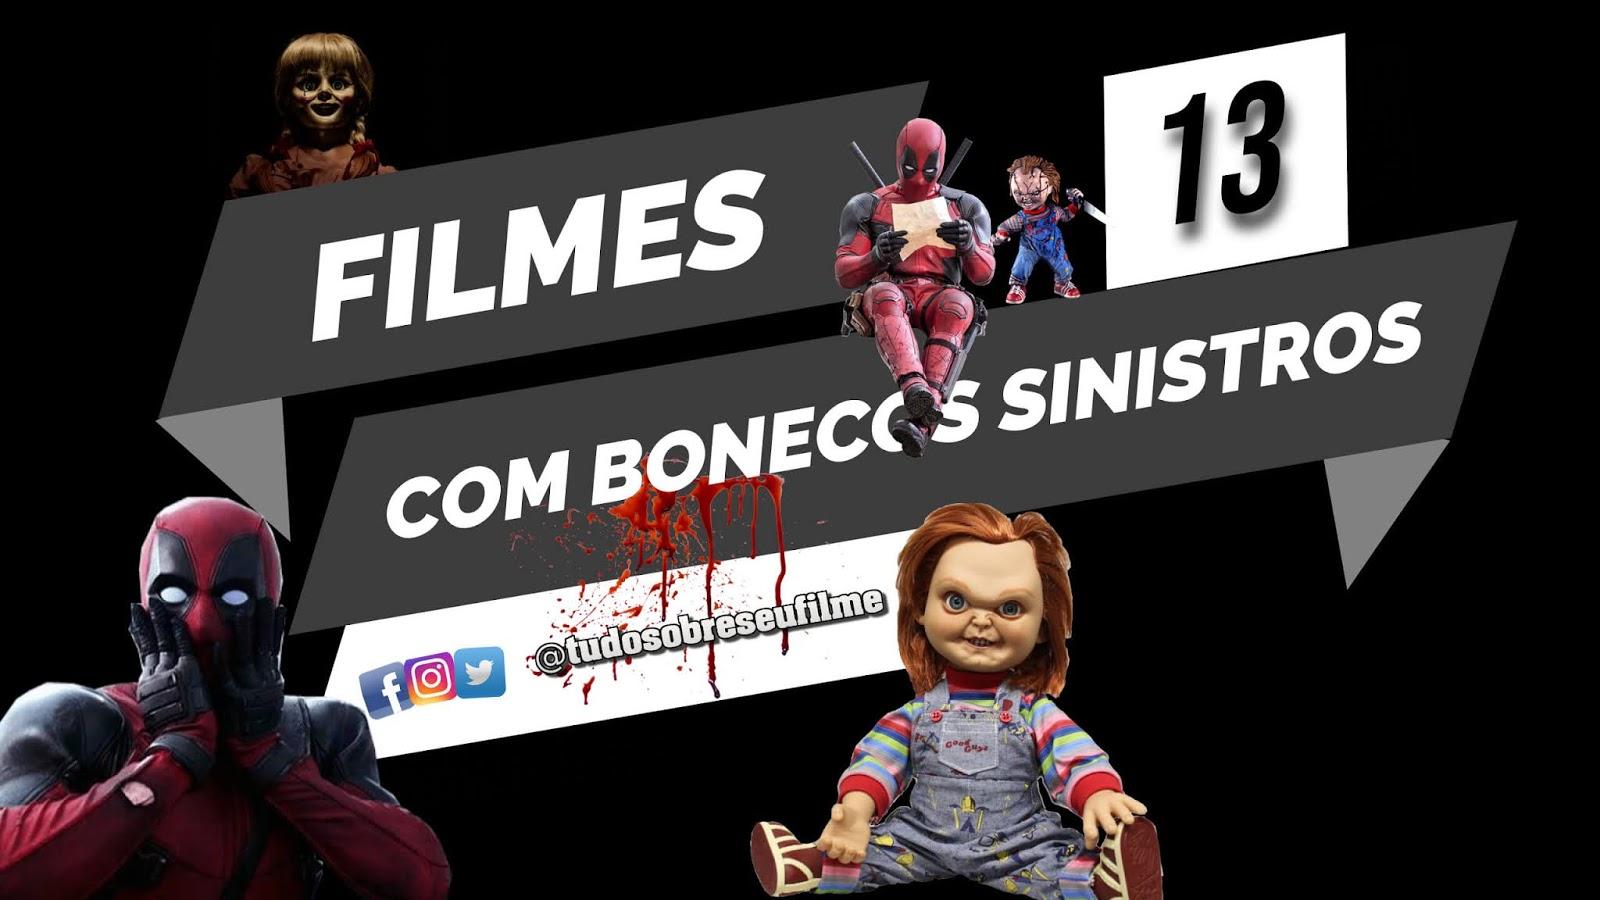 13-filmes-com-bonecos-sinistros